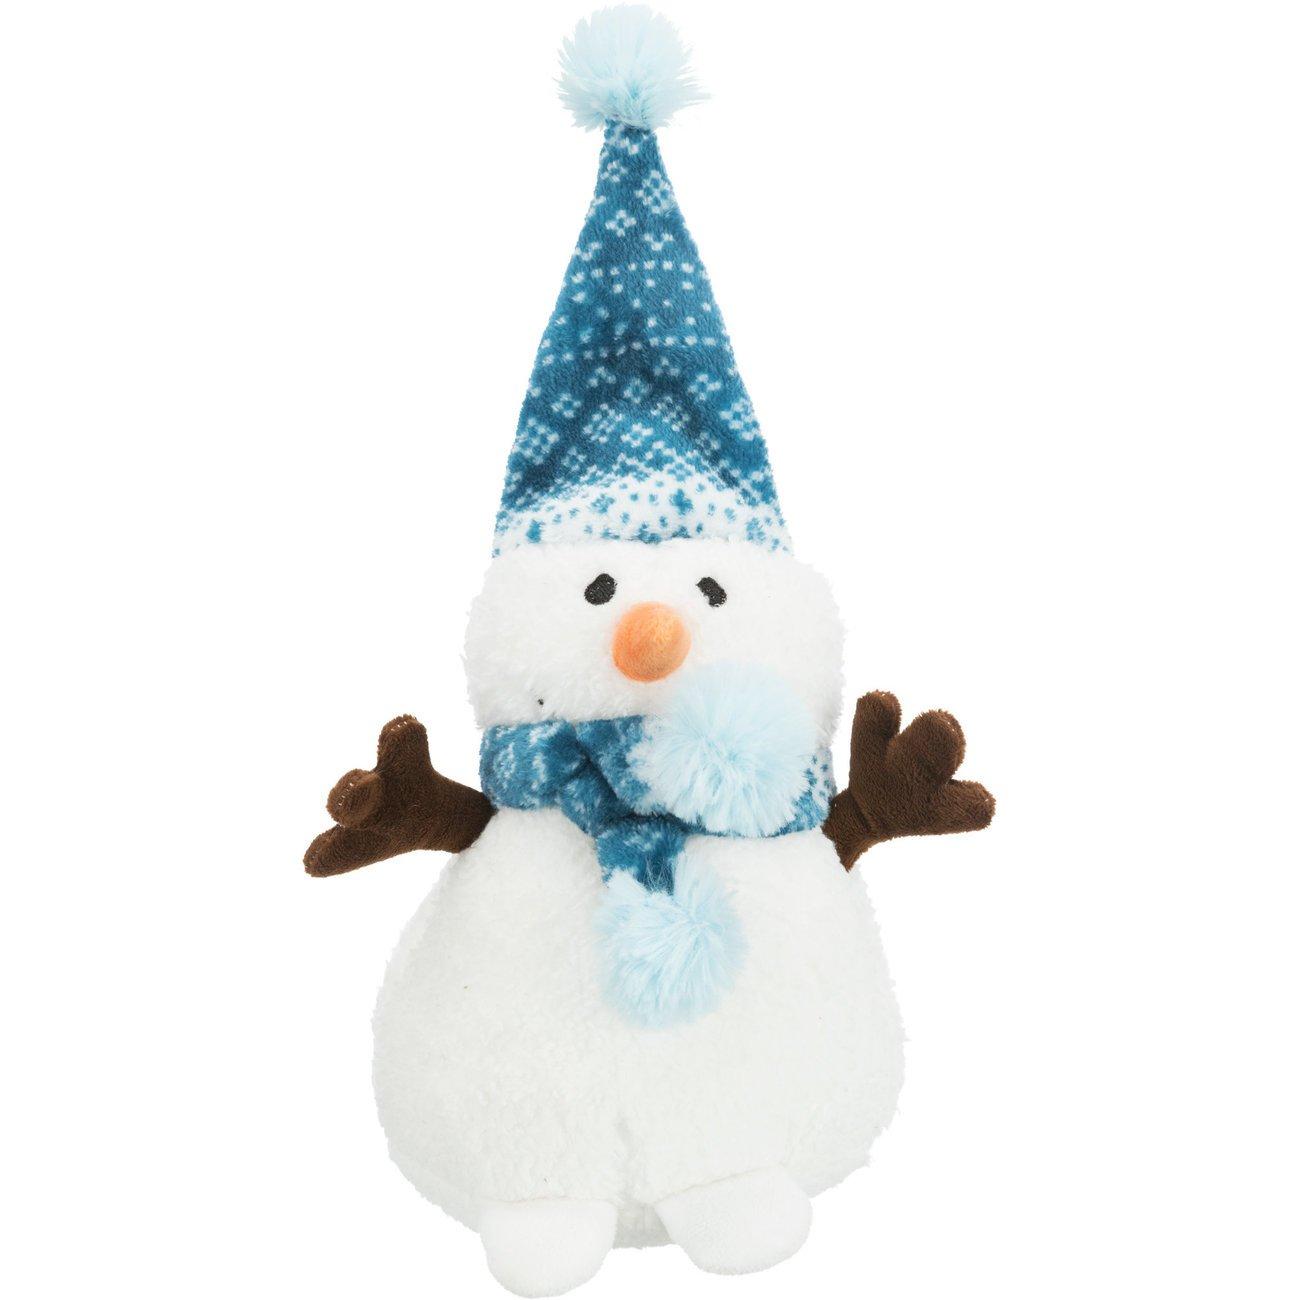 Trixie Xmas Figur mit Pudelmütze, zufällige Ausführung, 20 cm